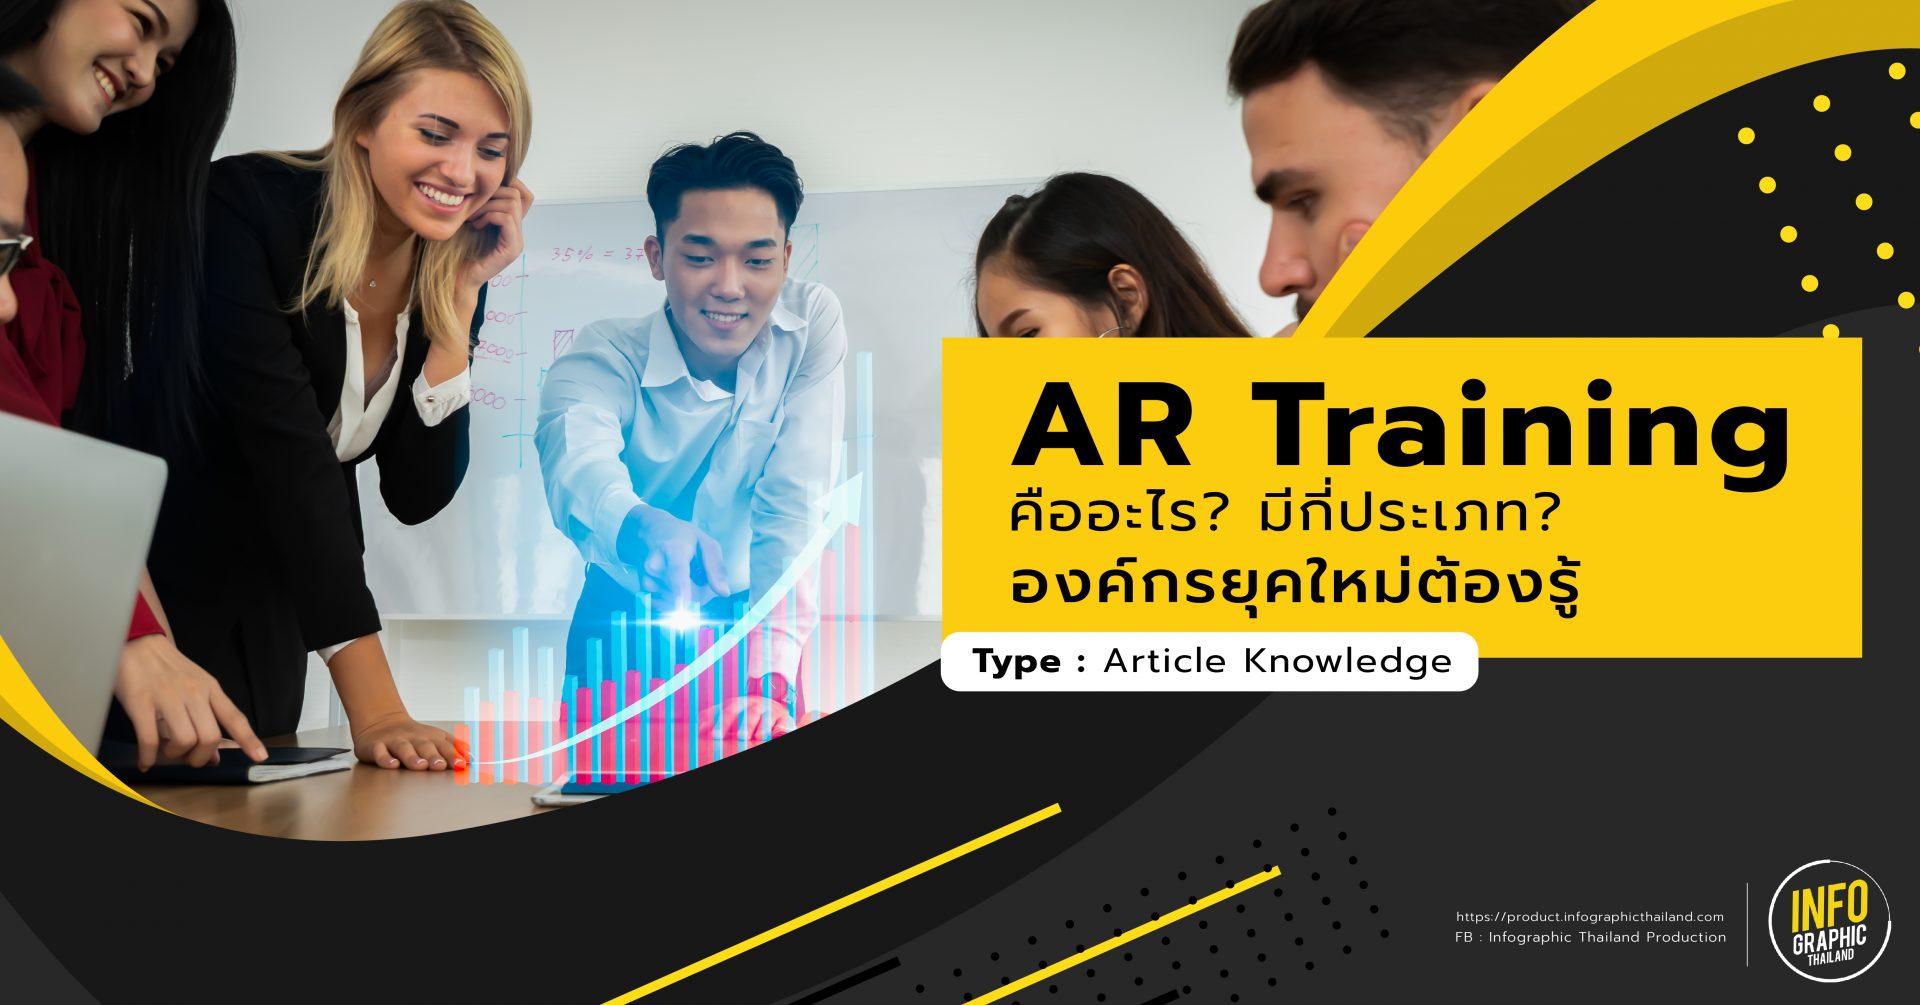 AR Training คืออะไร? มีกี่ประเภท? องค์กรยุคใหม่ต้องรู้